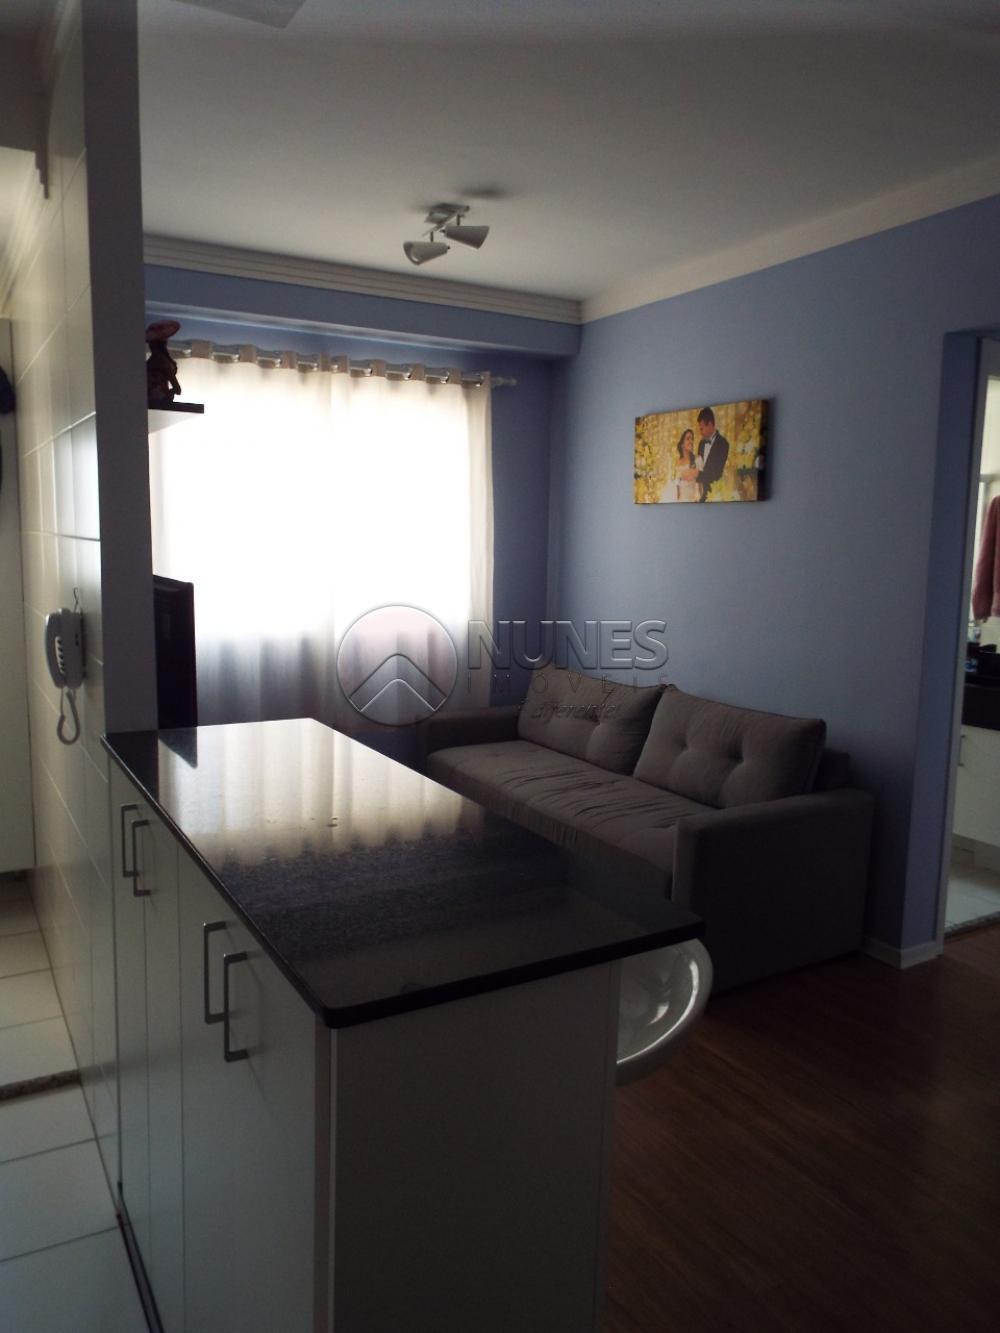 Comprar Apartamento / Padrão em Barueri apenas R$ 275.000,00 - Foto 7